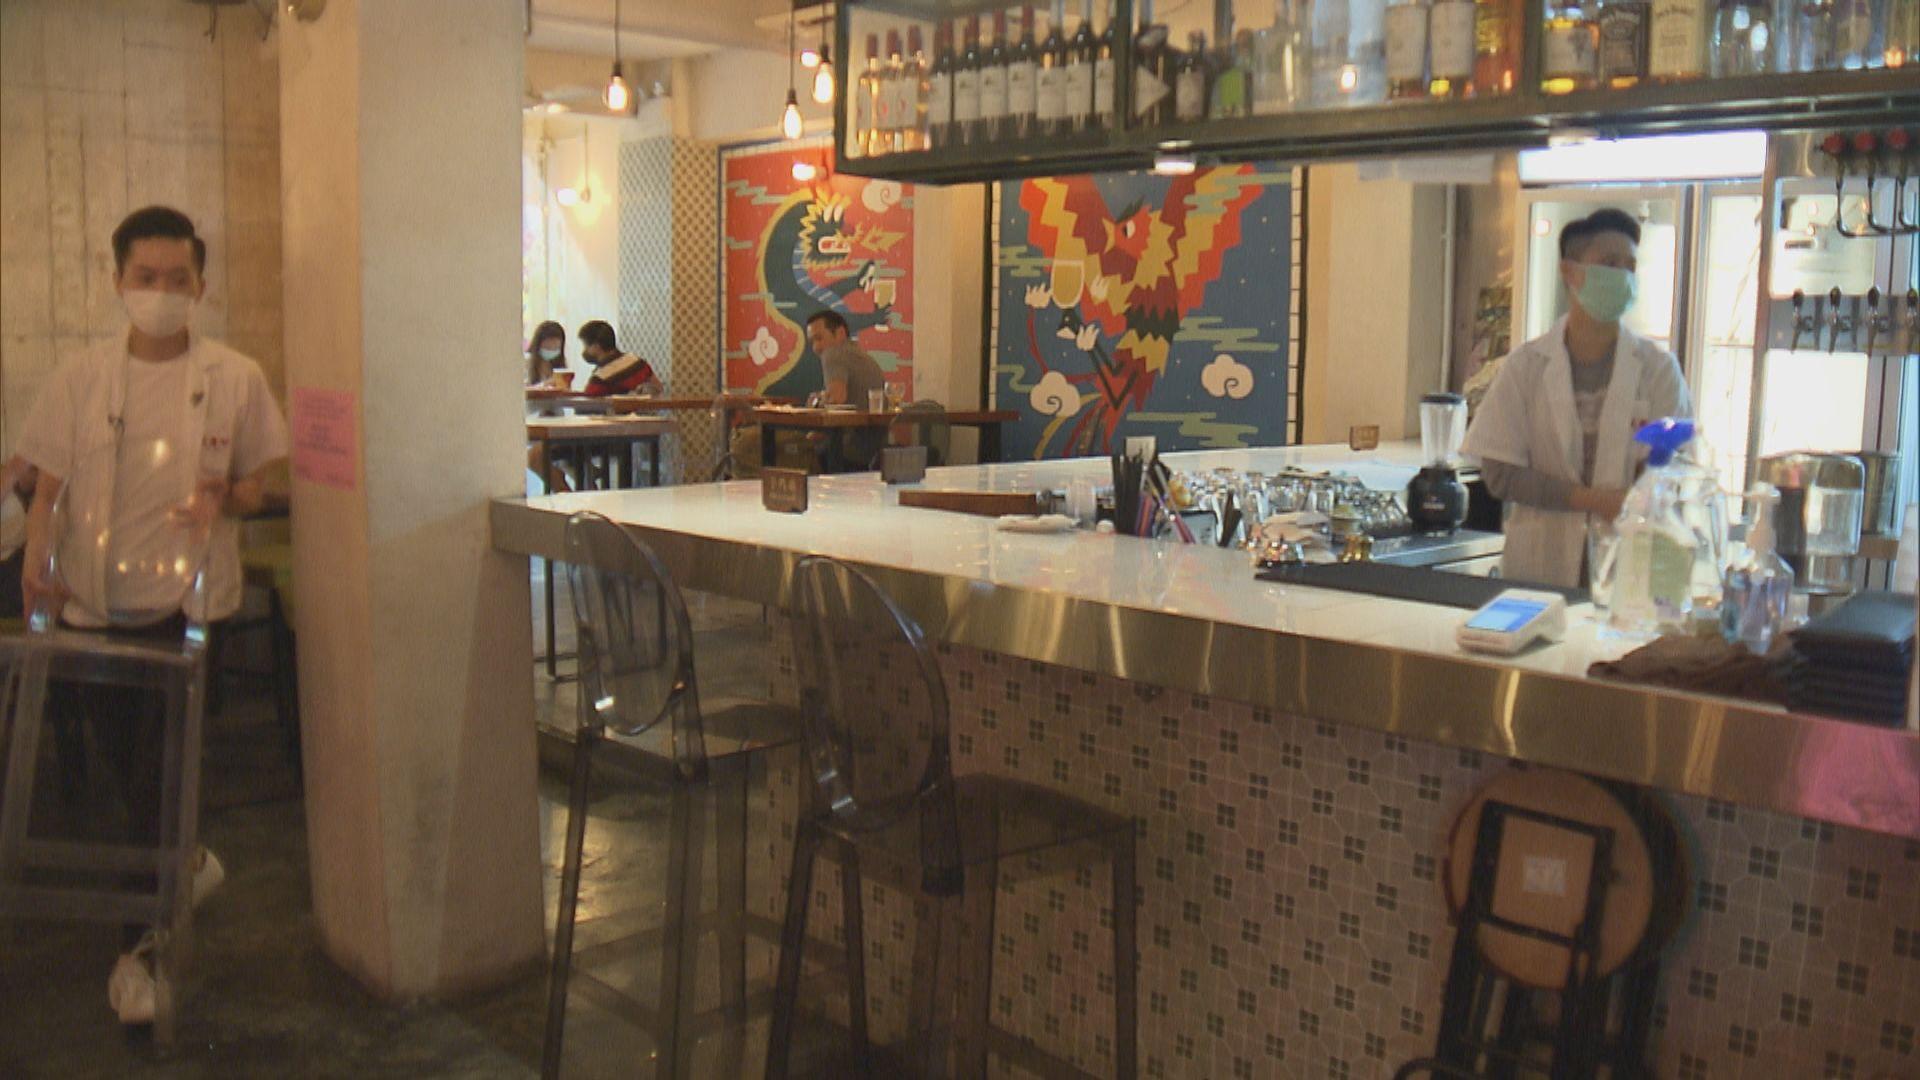 蘭桂坊大部分酒吧關門 有餐廳繼續營業但封閉吧檯